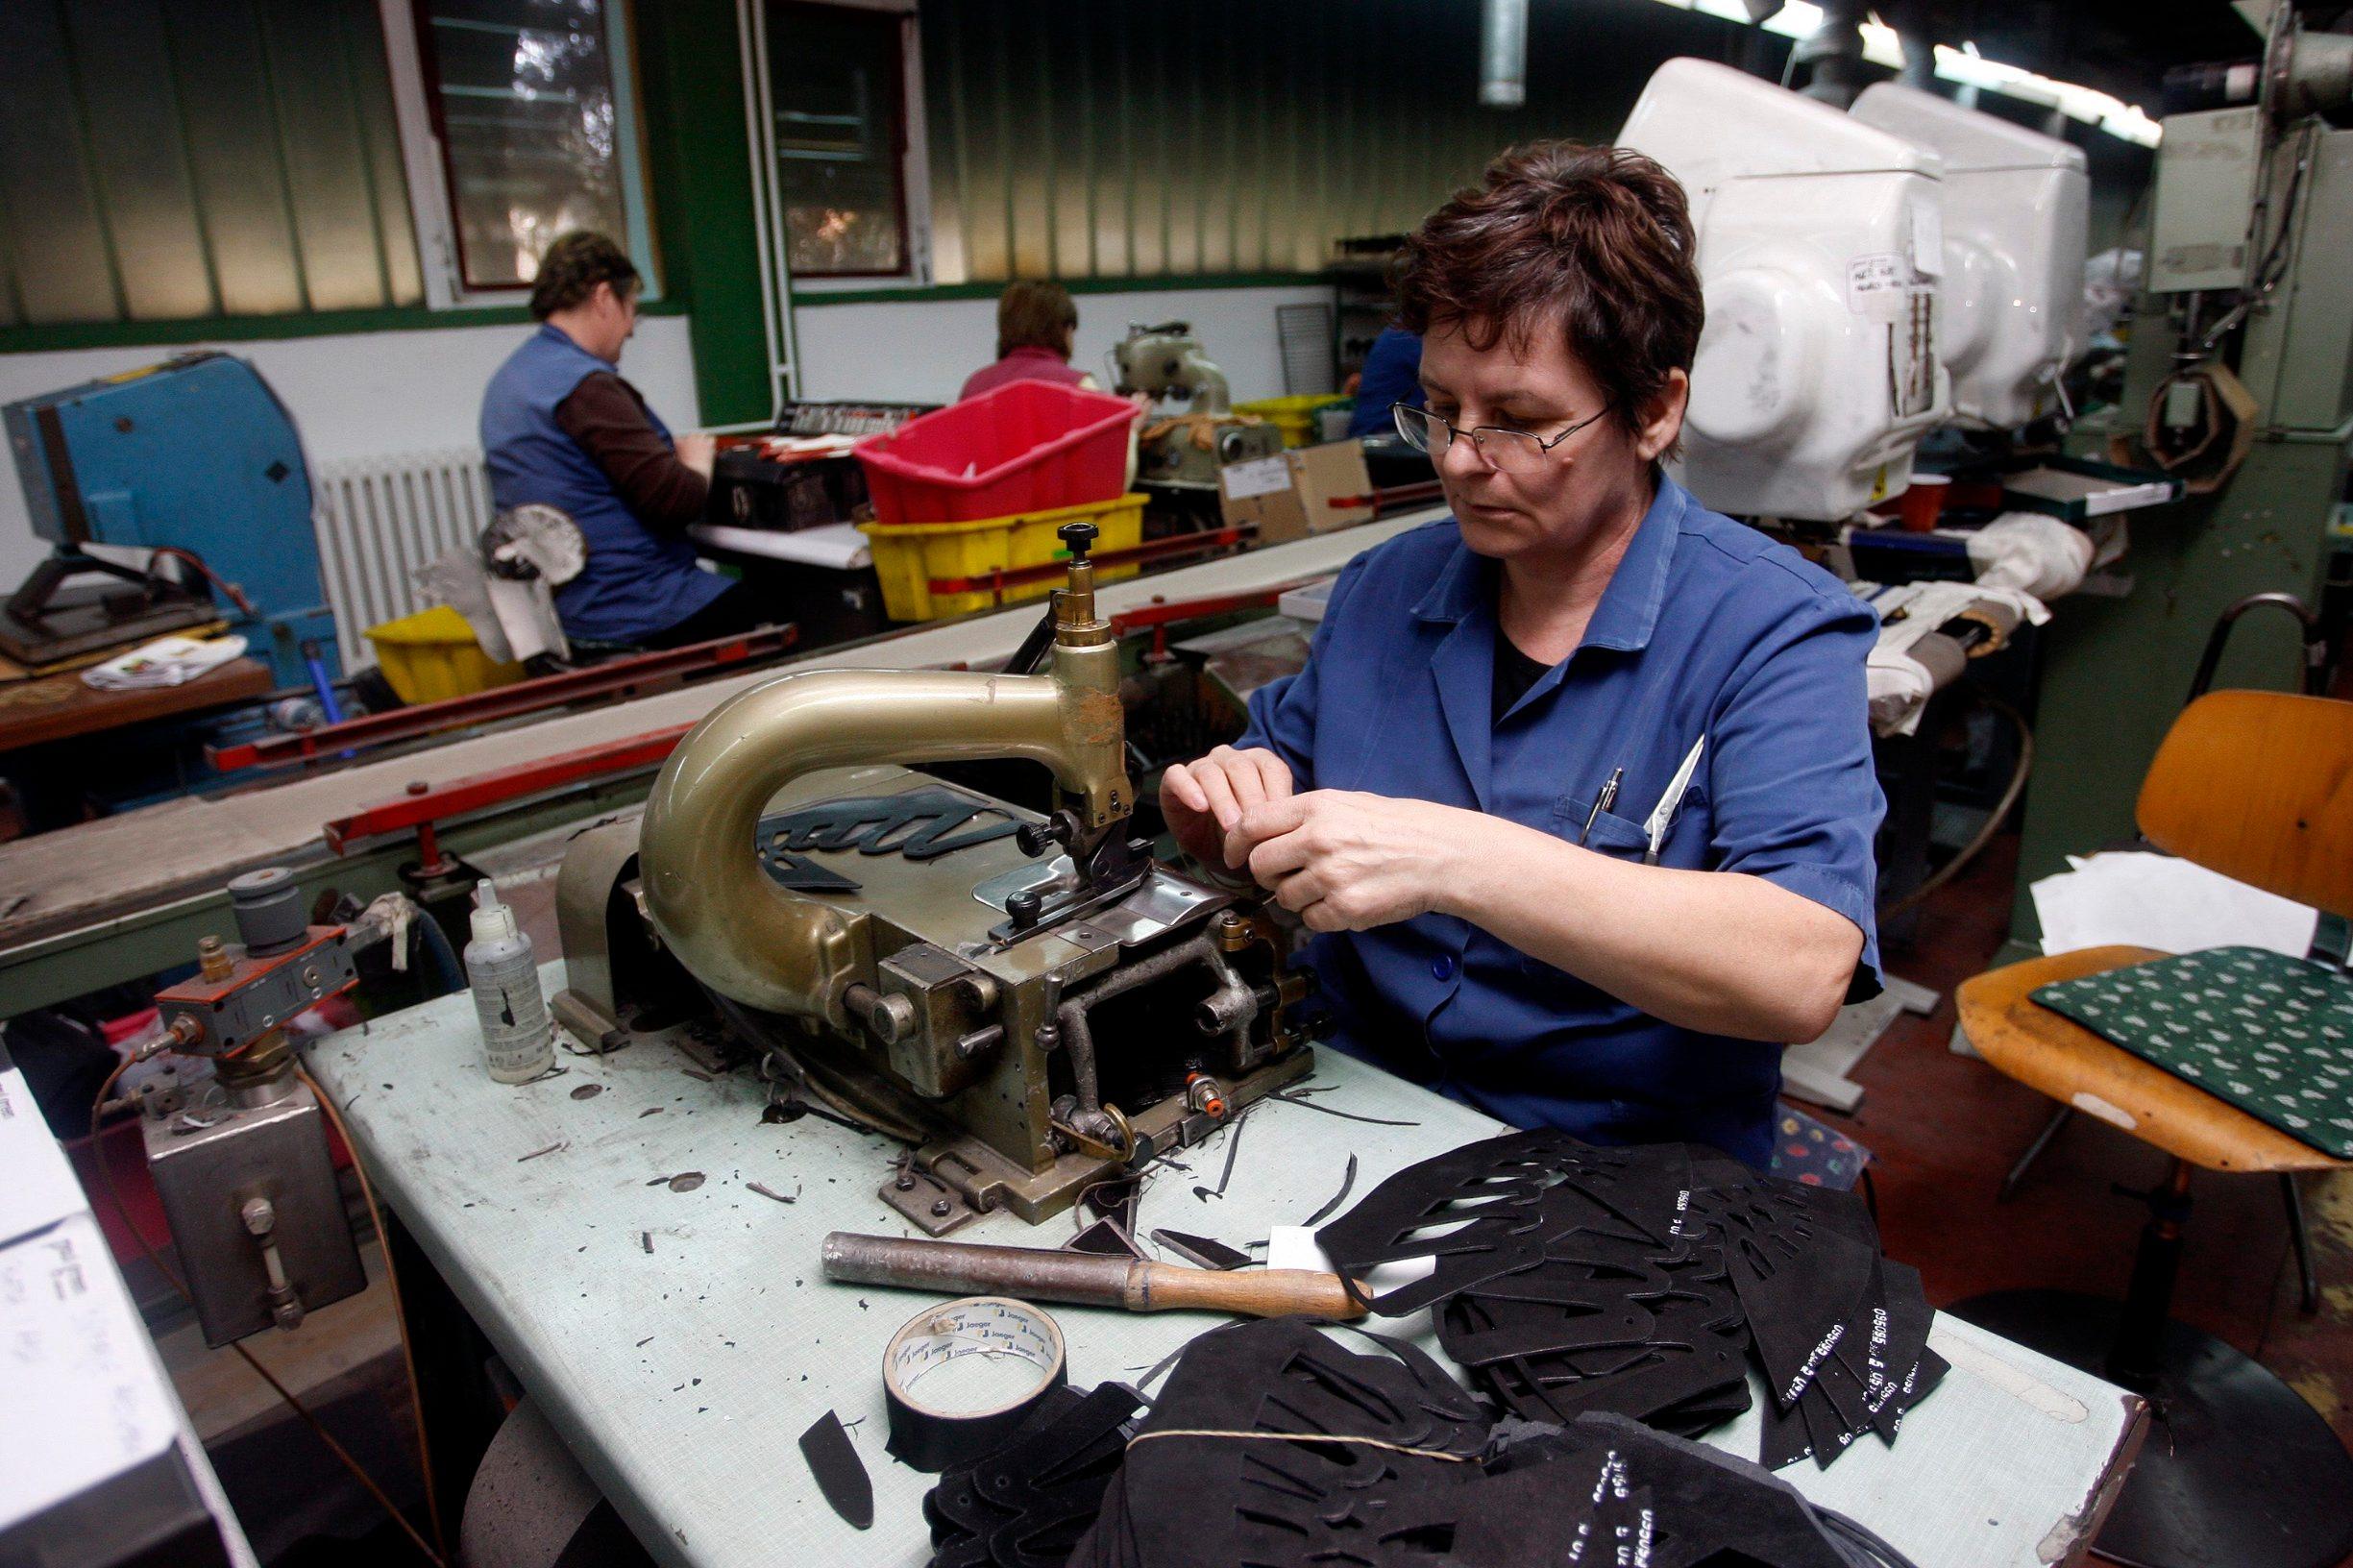 Gorican, 070312. Tvrtka Meiso iz Goricana osnovana je 1978. godine. Vecinski vlasnik je drzava, koja ima 78 posto udjela, a ostalo drze mali dionicari. Tvrtka je od osnutka orjentirana na strano trziste, prvenstveno putem lohn poslova. U ovom trenutku cilj je zadrzati svih 400-ak zaposlenih, medju kojima je najvise zena. Tvrtka je opterecena dugom prema Audio Agenciji u iznosu od 12,3 miljuna kuna, od cega je 4 miljuna kamata. Tvrtka je prije tri godine bila u velikim problemima i pred stecajem, no dolaskom nove uprave 2009. godine redovnim poslovanjem nije napravljen novi dug, a tvrtka svoje obveze redovito podmiruje. Dnevno proizvedu 3500 pari obuce i sve izvoze. Trenutno rade donjista za tvrtku Paul Green iz Austrije. Meiso je u 2011. godini platio 10 milijuna kuna poreza i doprinosa, i prema poreznicima nemaju dugovanja. Na slici: detalj iz proizvodnje. Foto: Zeljko Hajdinjak / Cropix